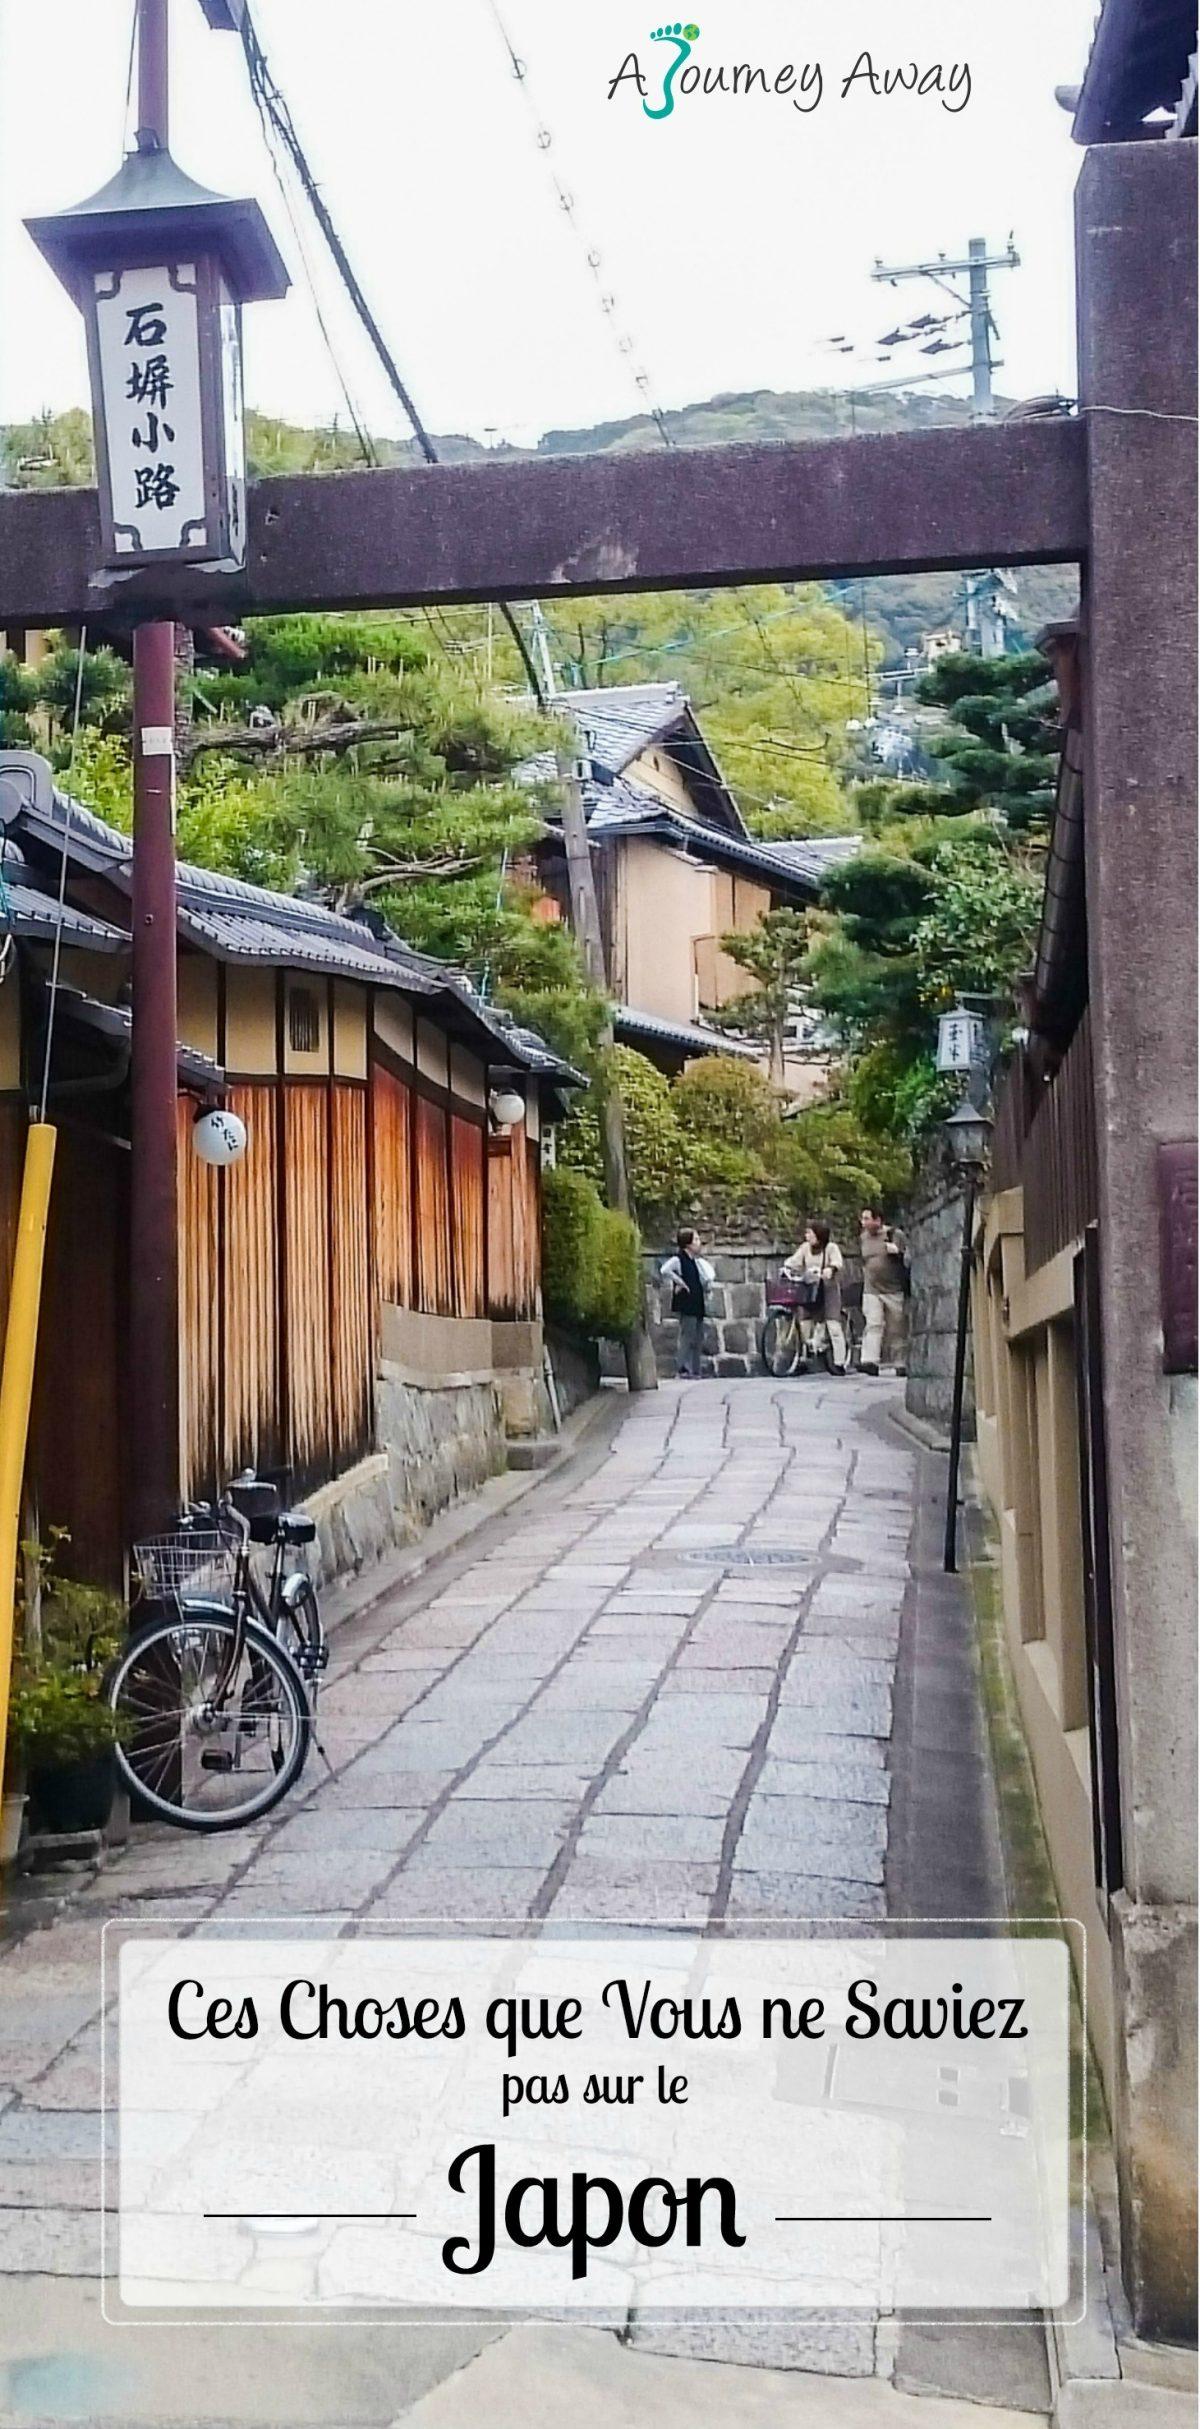 Ce Que Vous ne Saviez pas sur le Japon | Blog de voyage A Journey Away